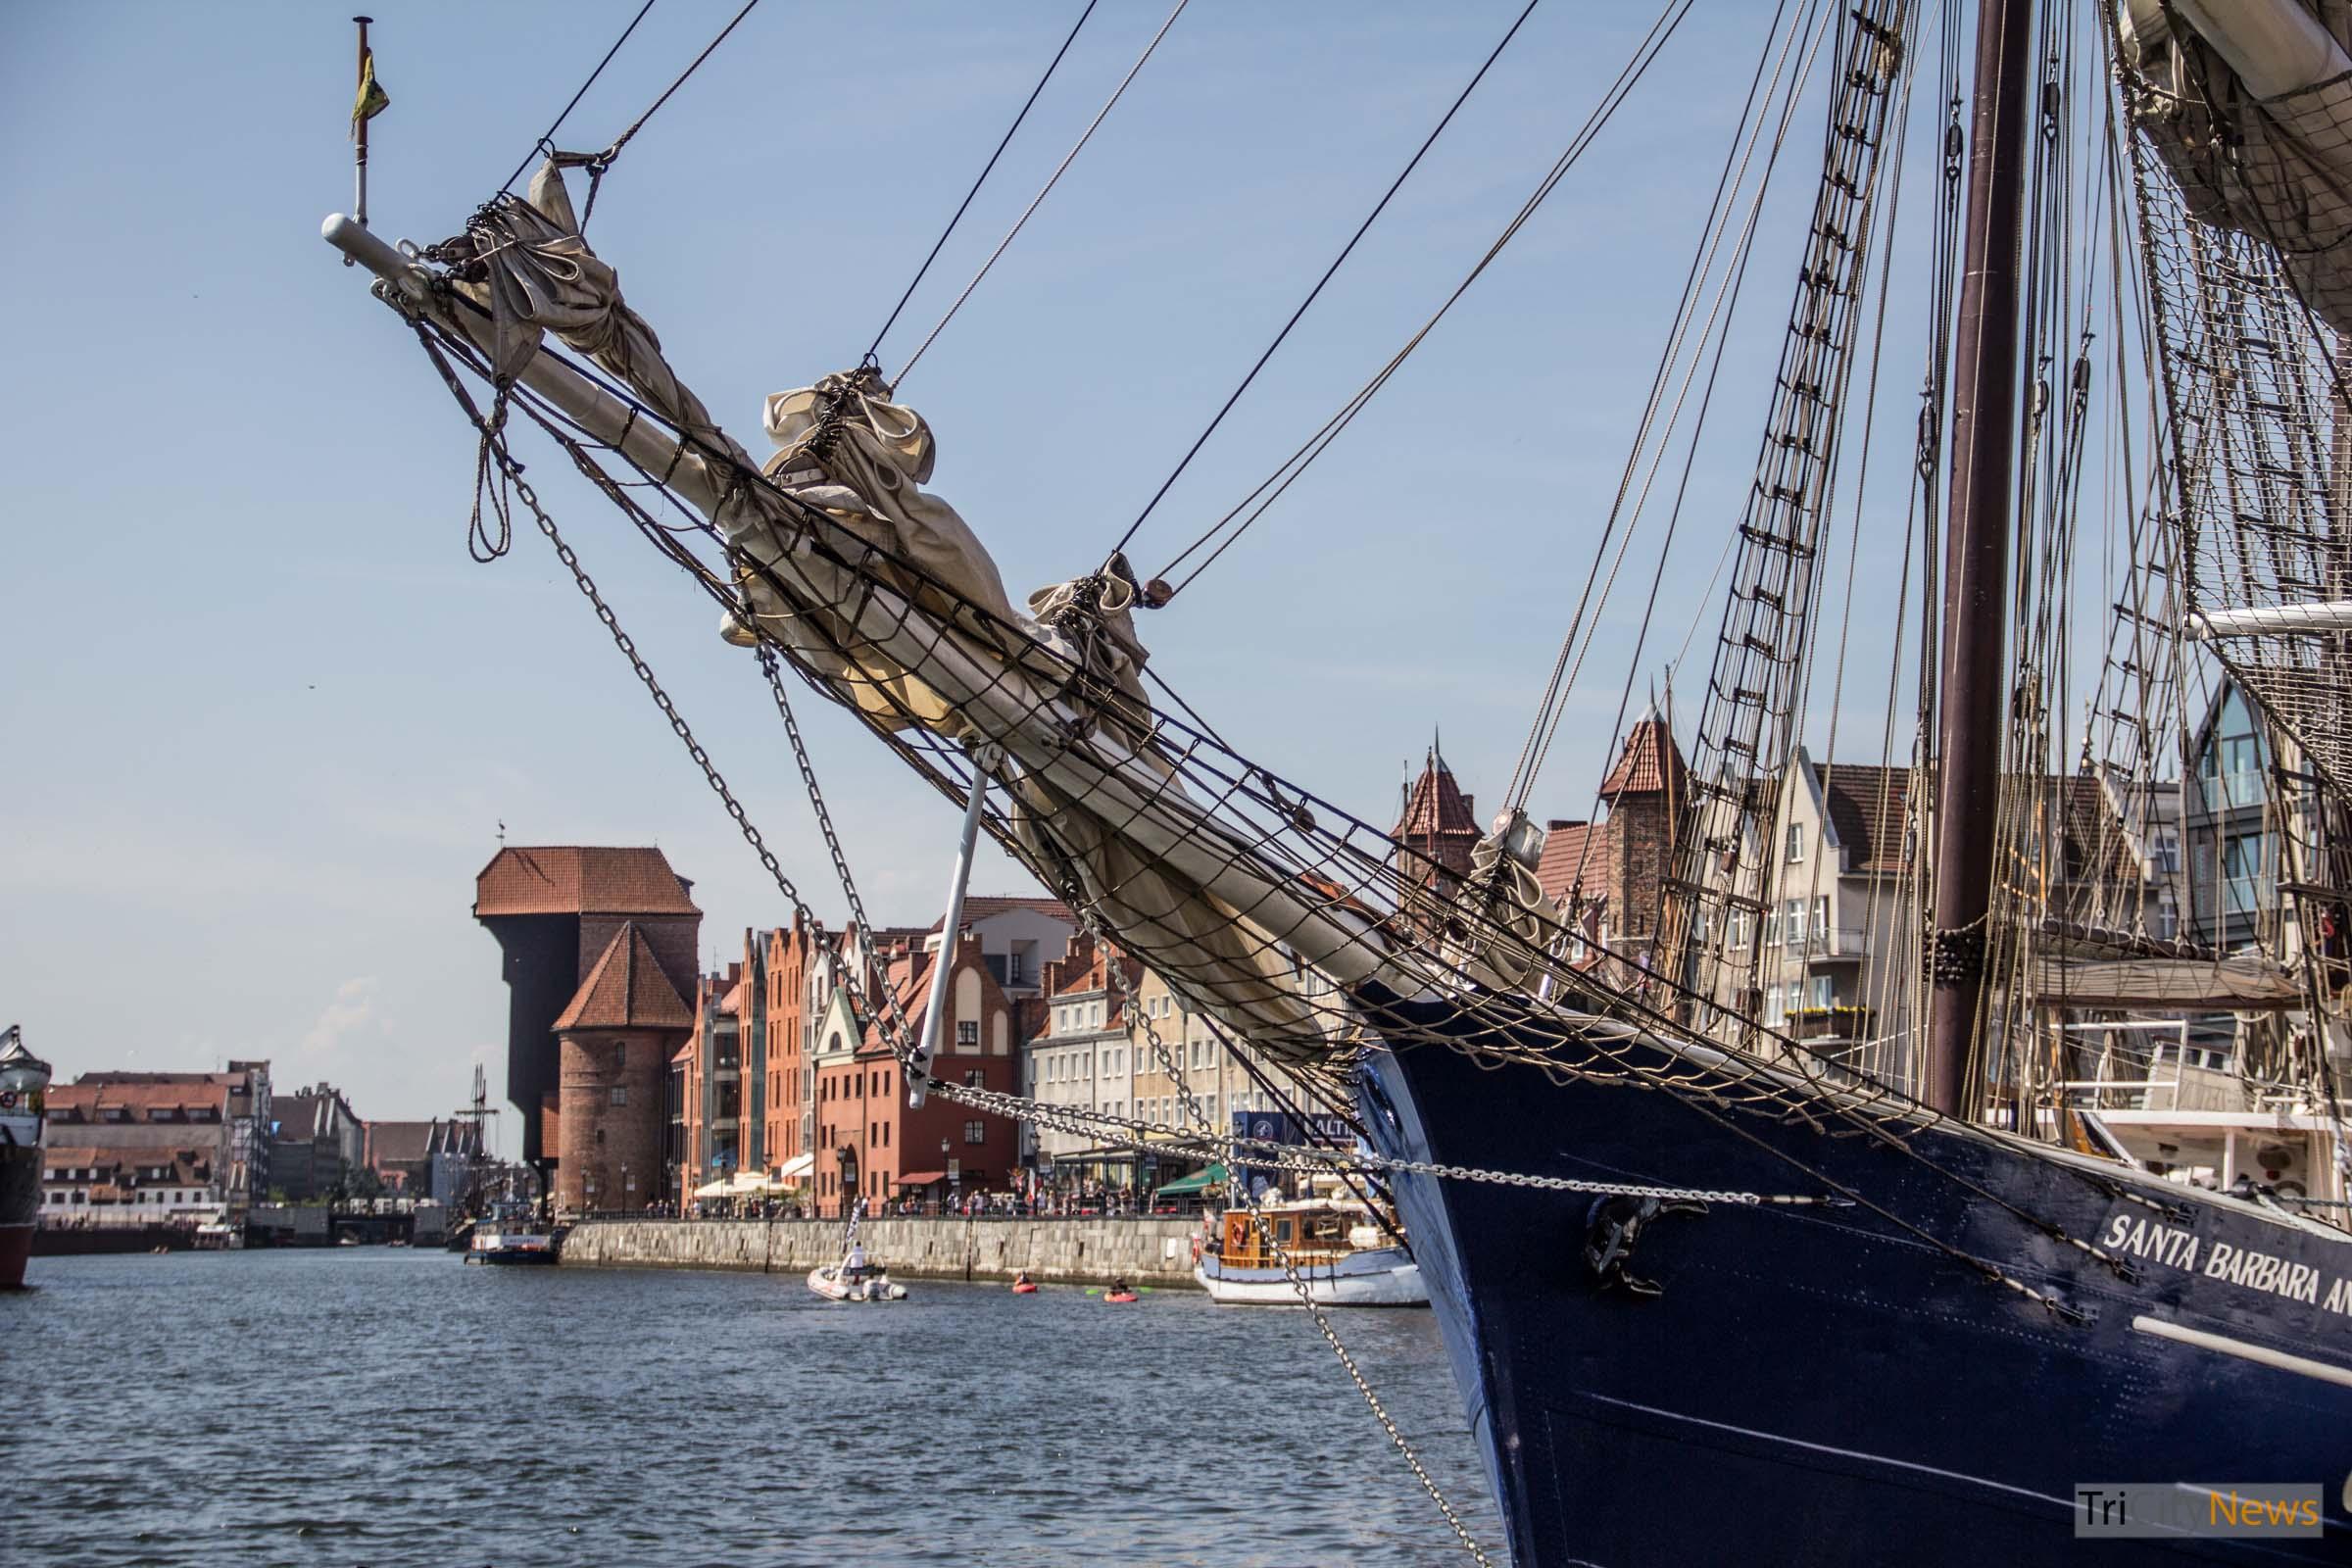 Baltic Sail 2016 in Gdansk, Photo: Jakub Wozniak/Tricity News